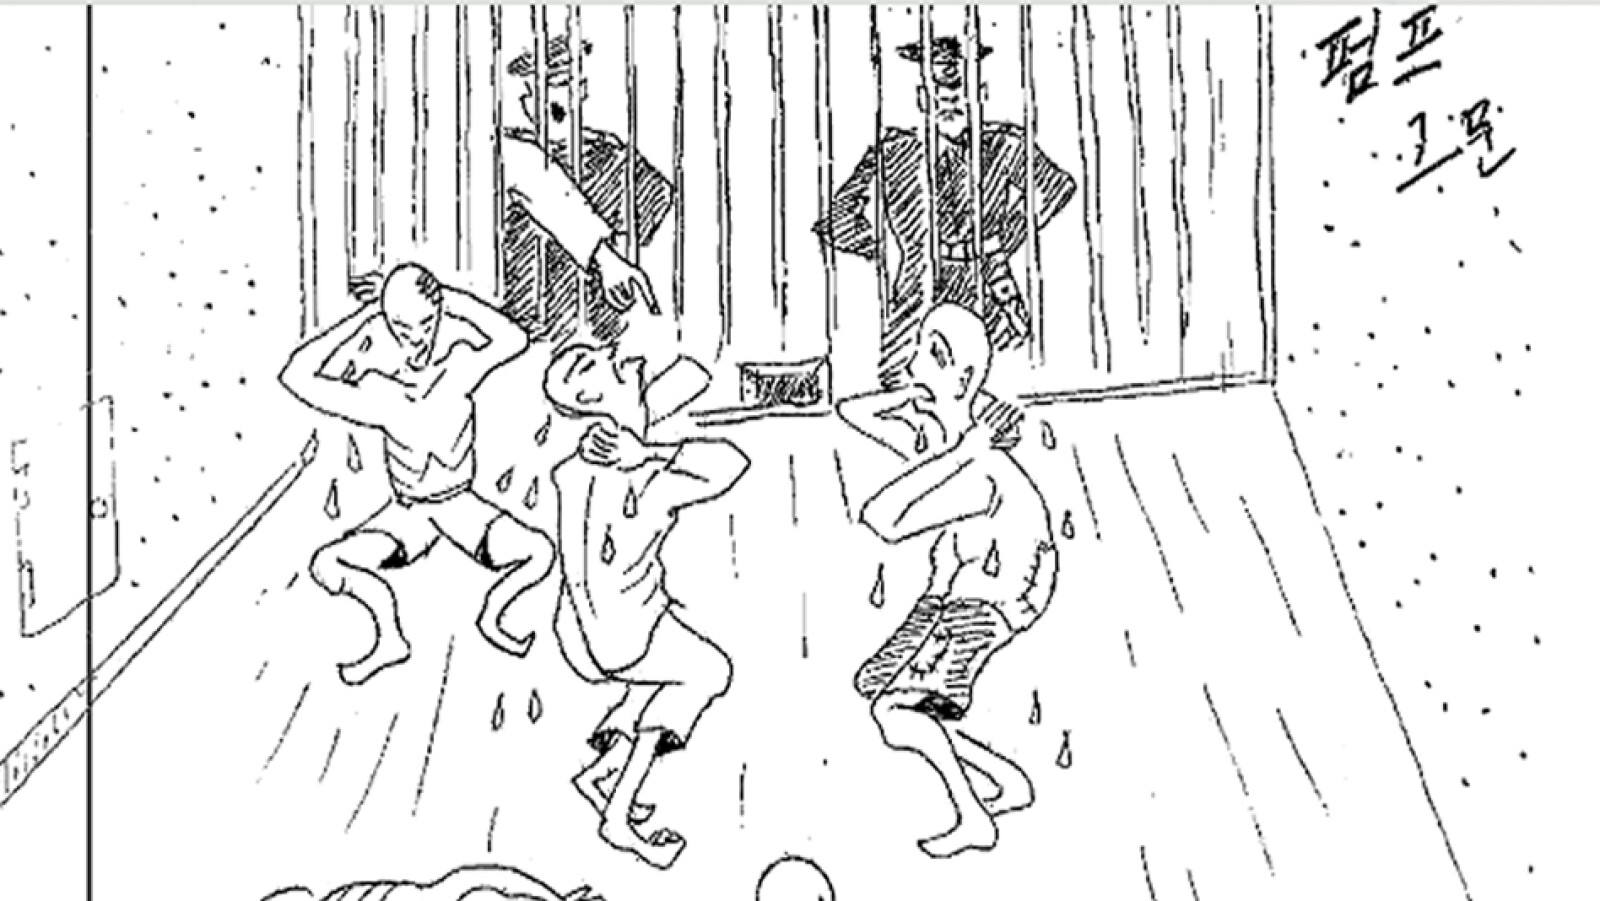 corea del norte, kim jong, lee young-guk, guardaespaldas, tortura, palizas, inanicion